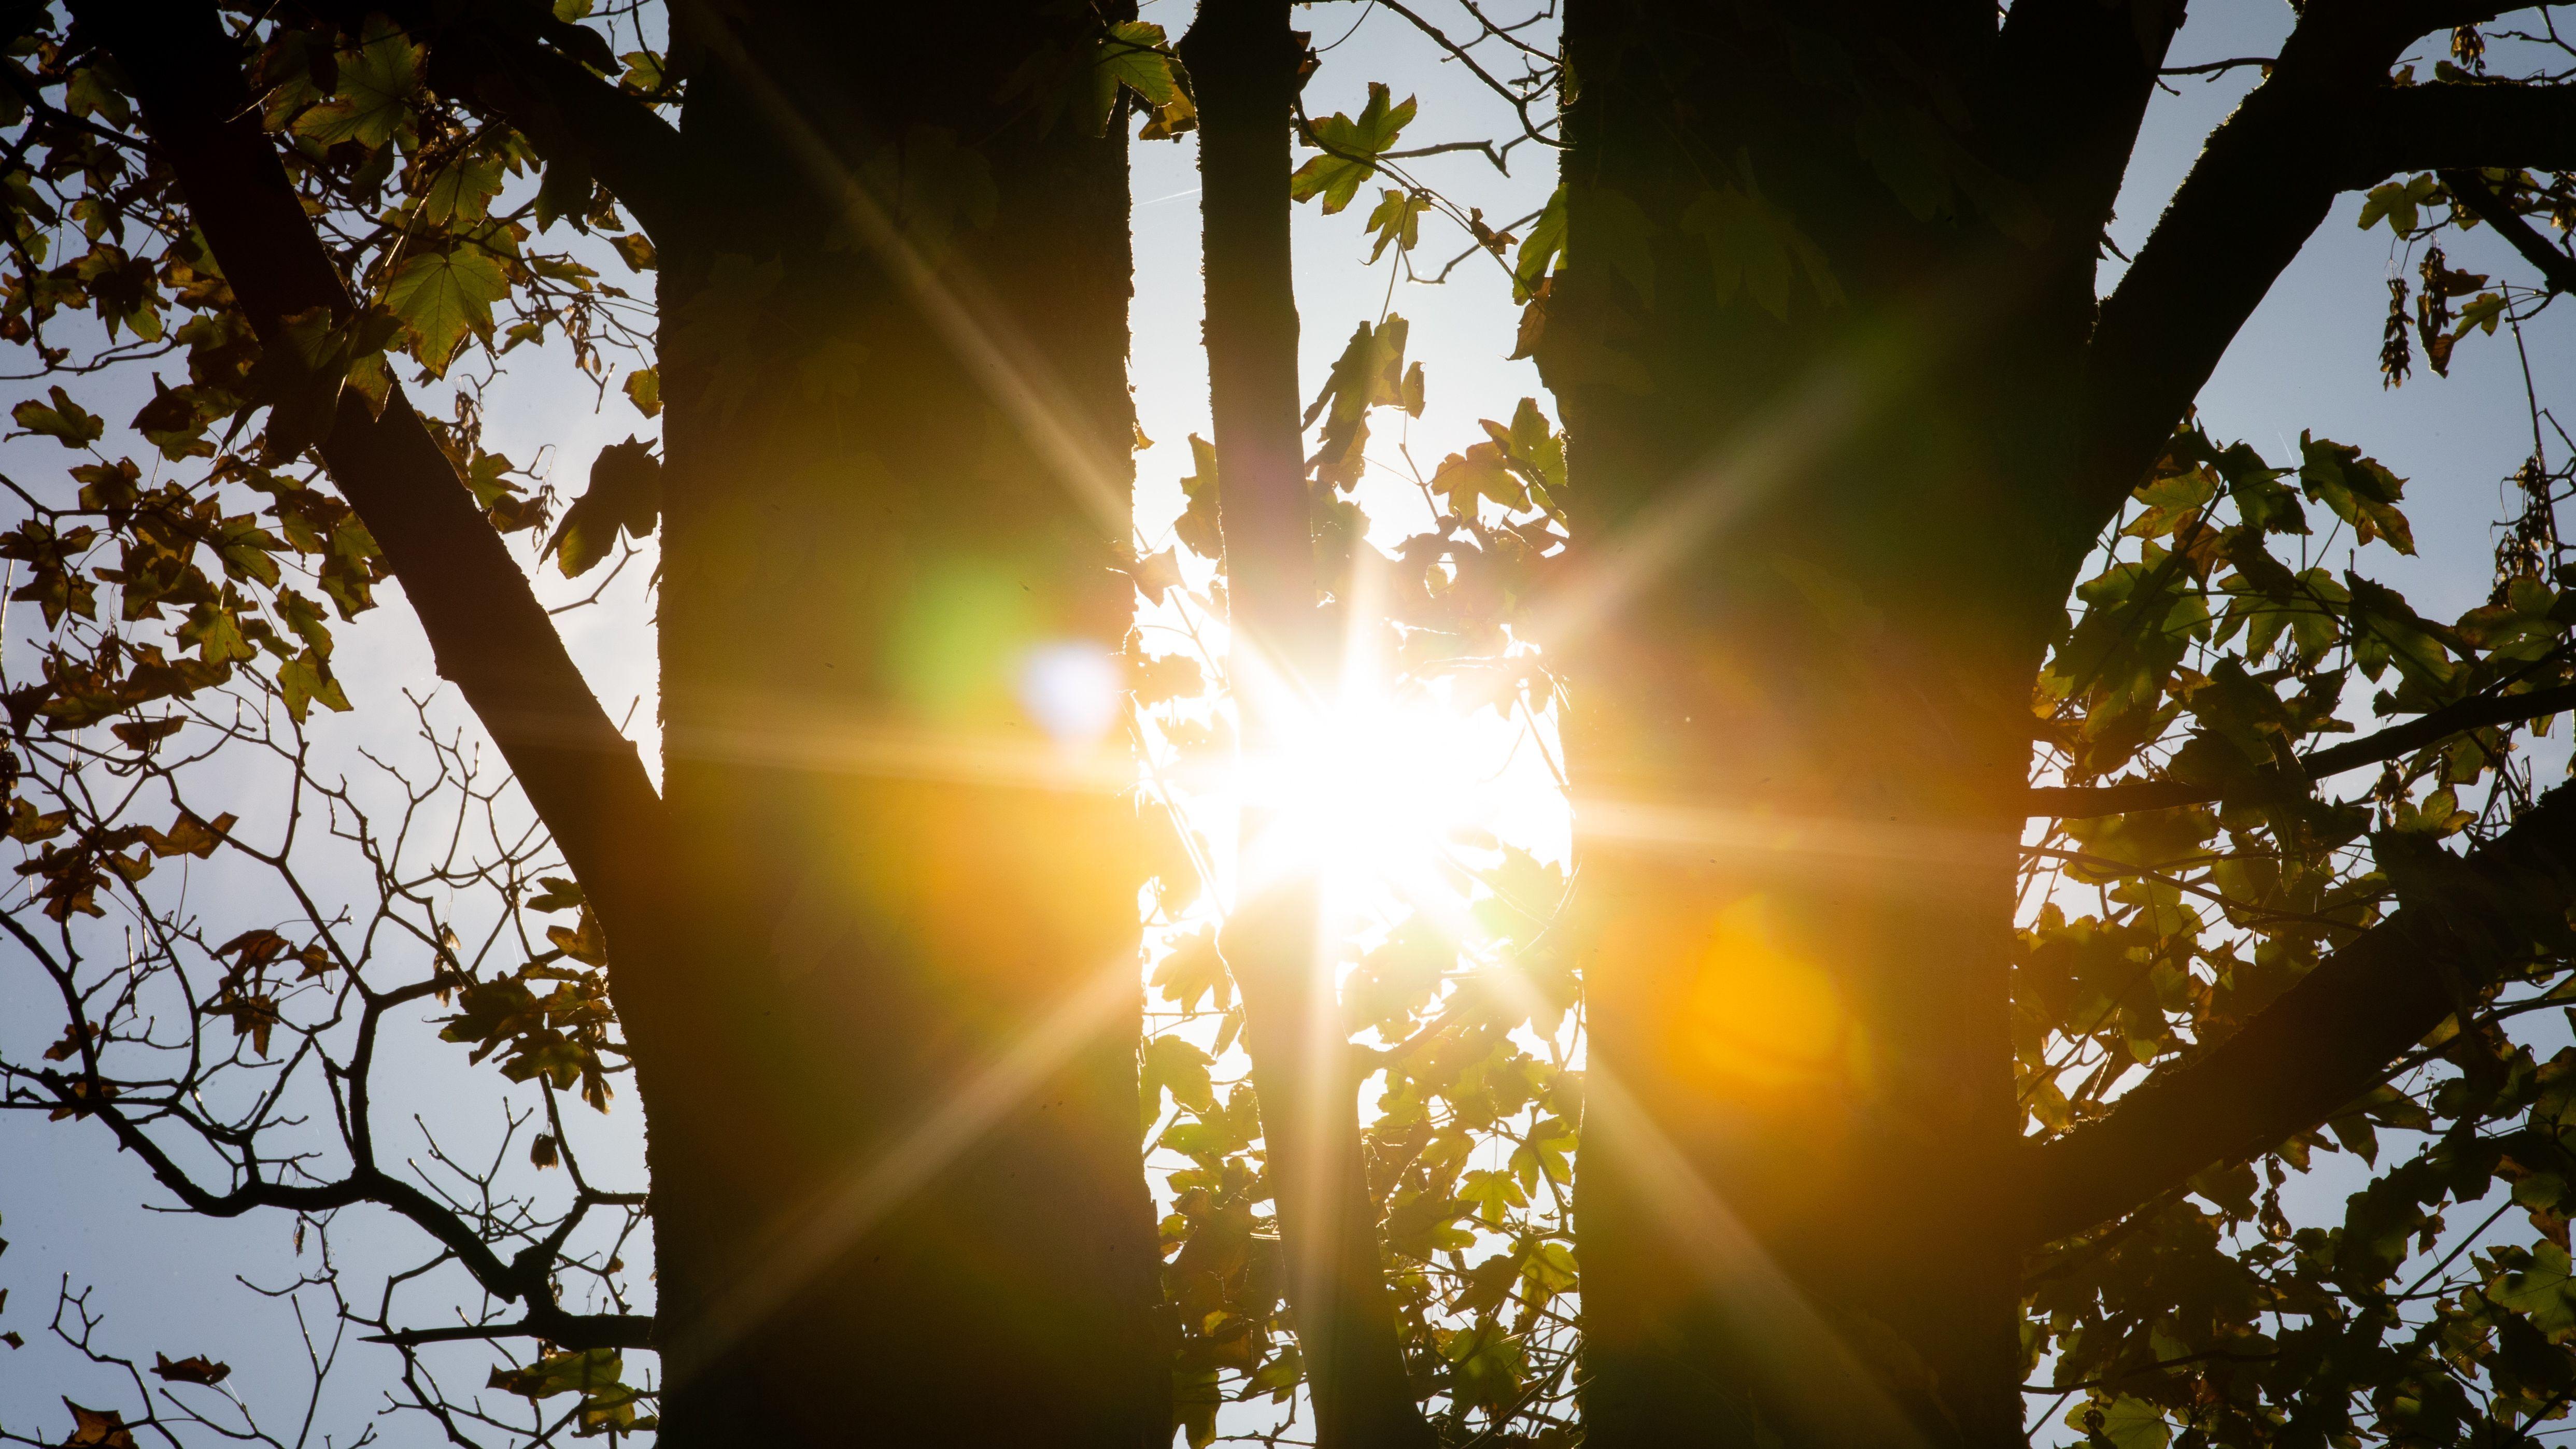 Wegen der andauernden Hitze und Trockenheit hat die Regierung von Niederbayern jetzt Beobachtungsflüge angeordnet.